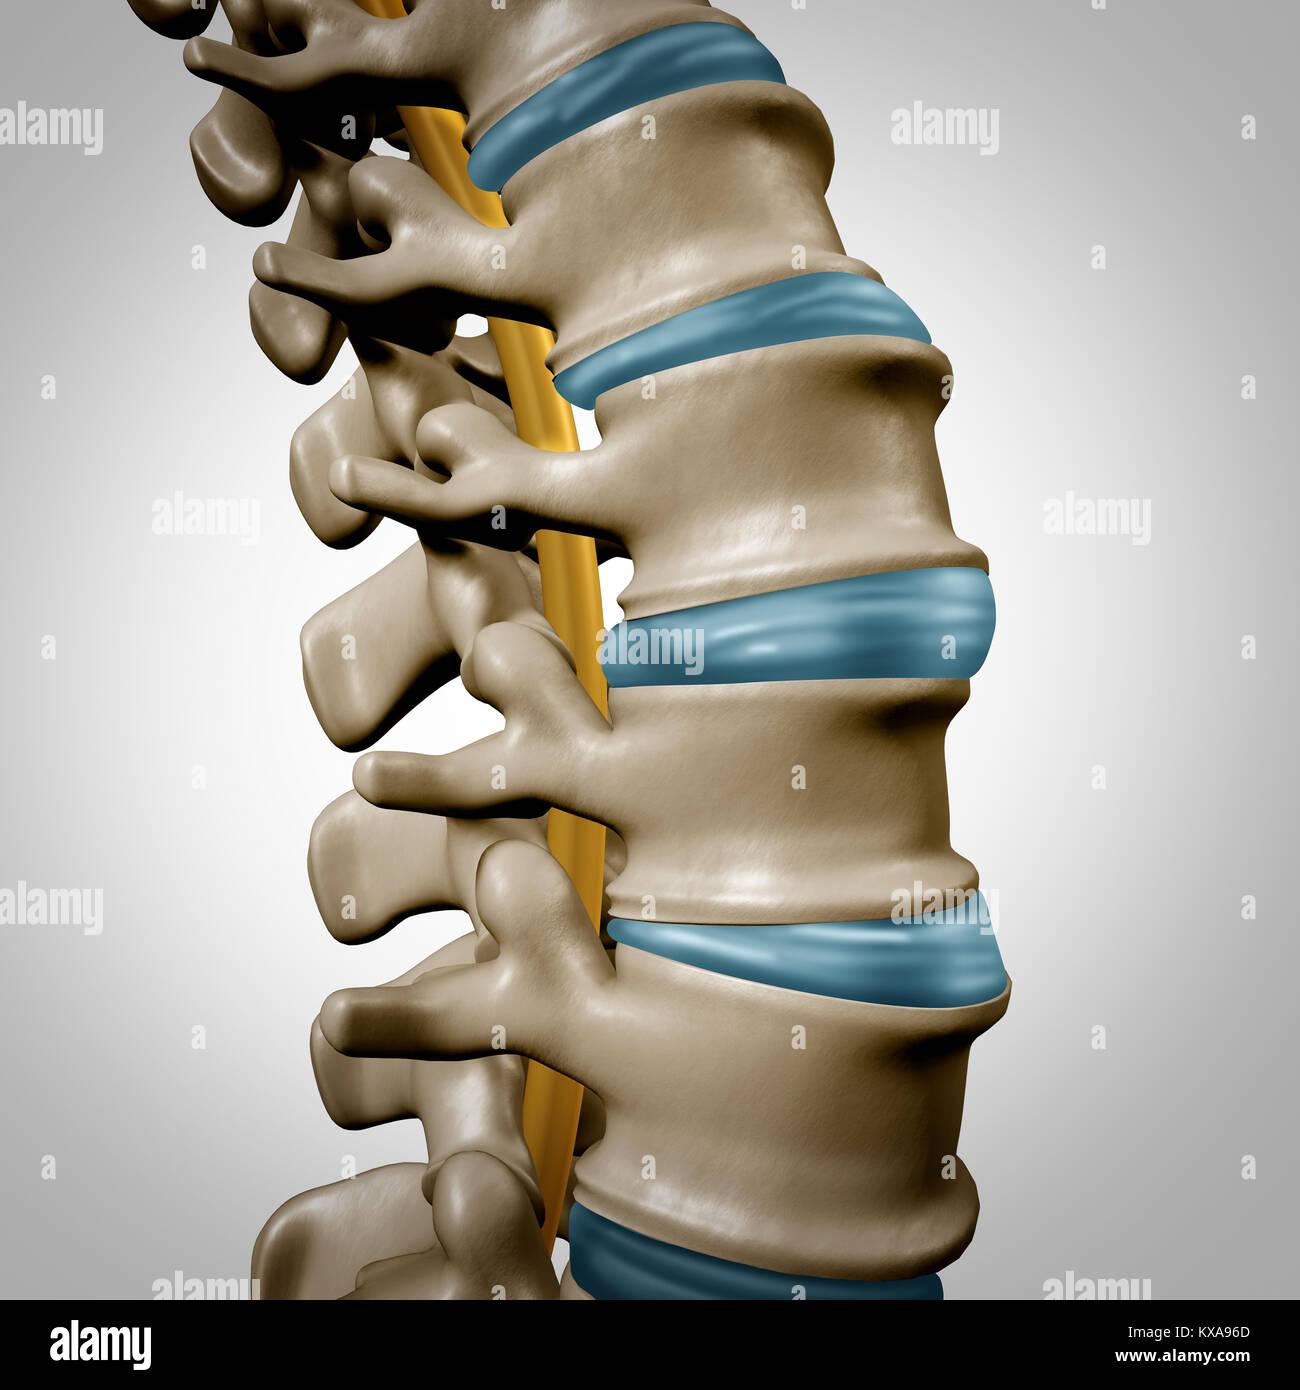 Die menschliche Anatomie der Wirbelsäule und Rückenmark Konzept wie ...